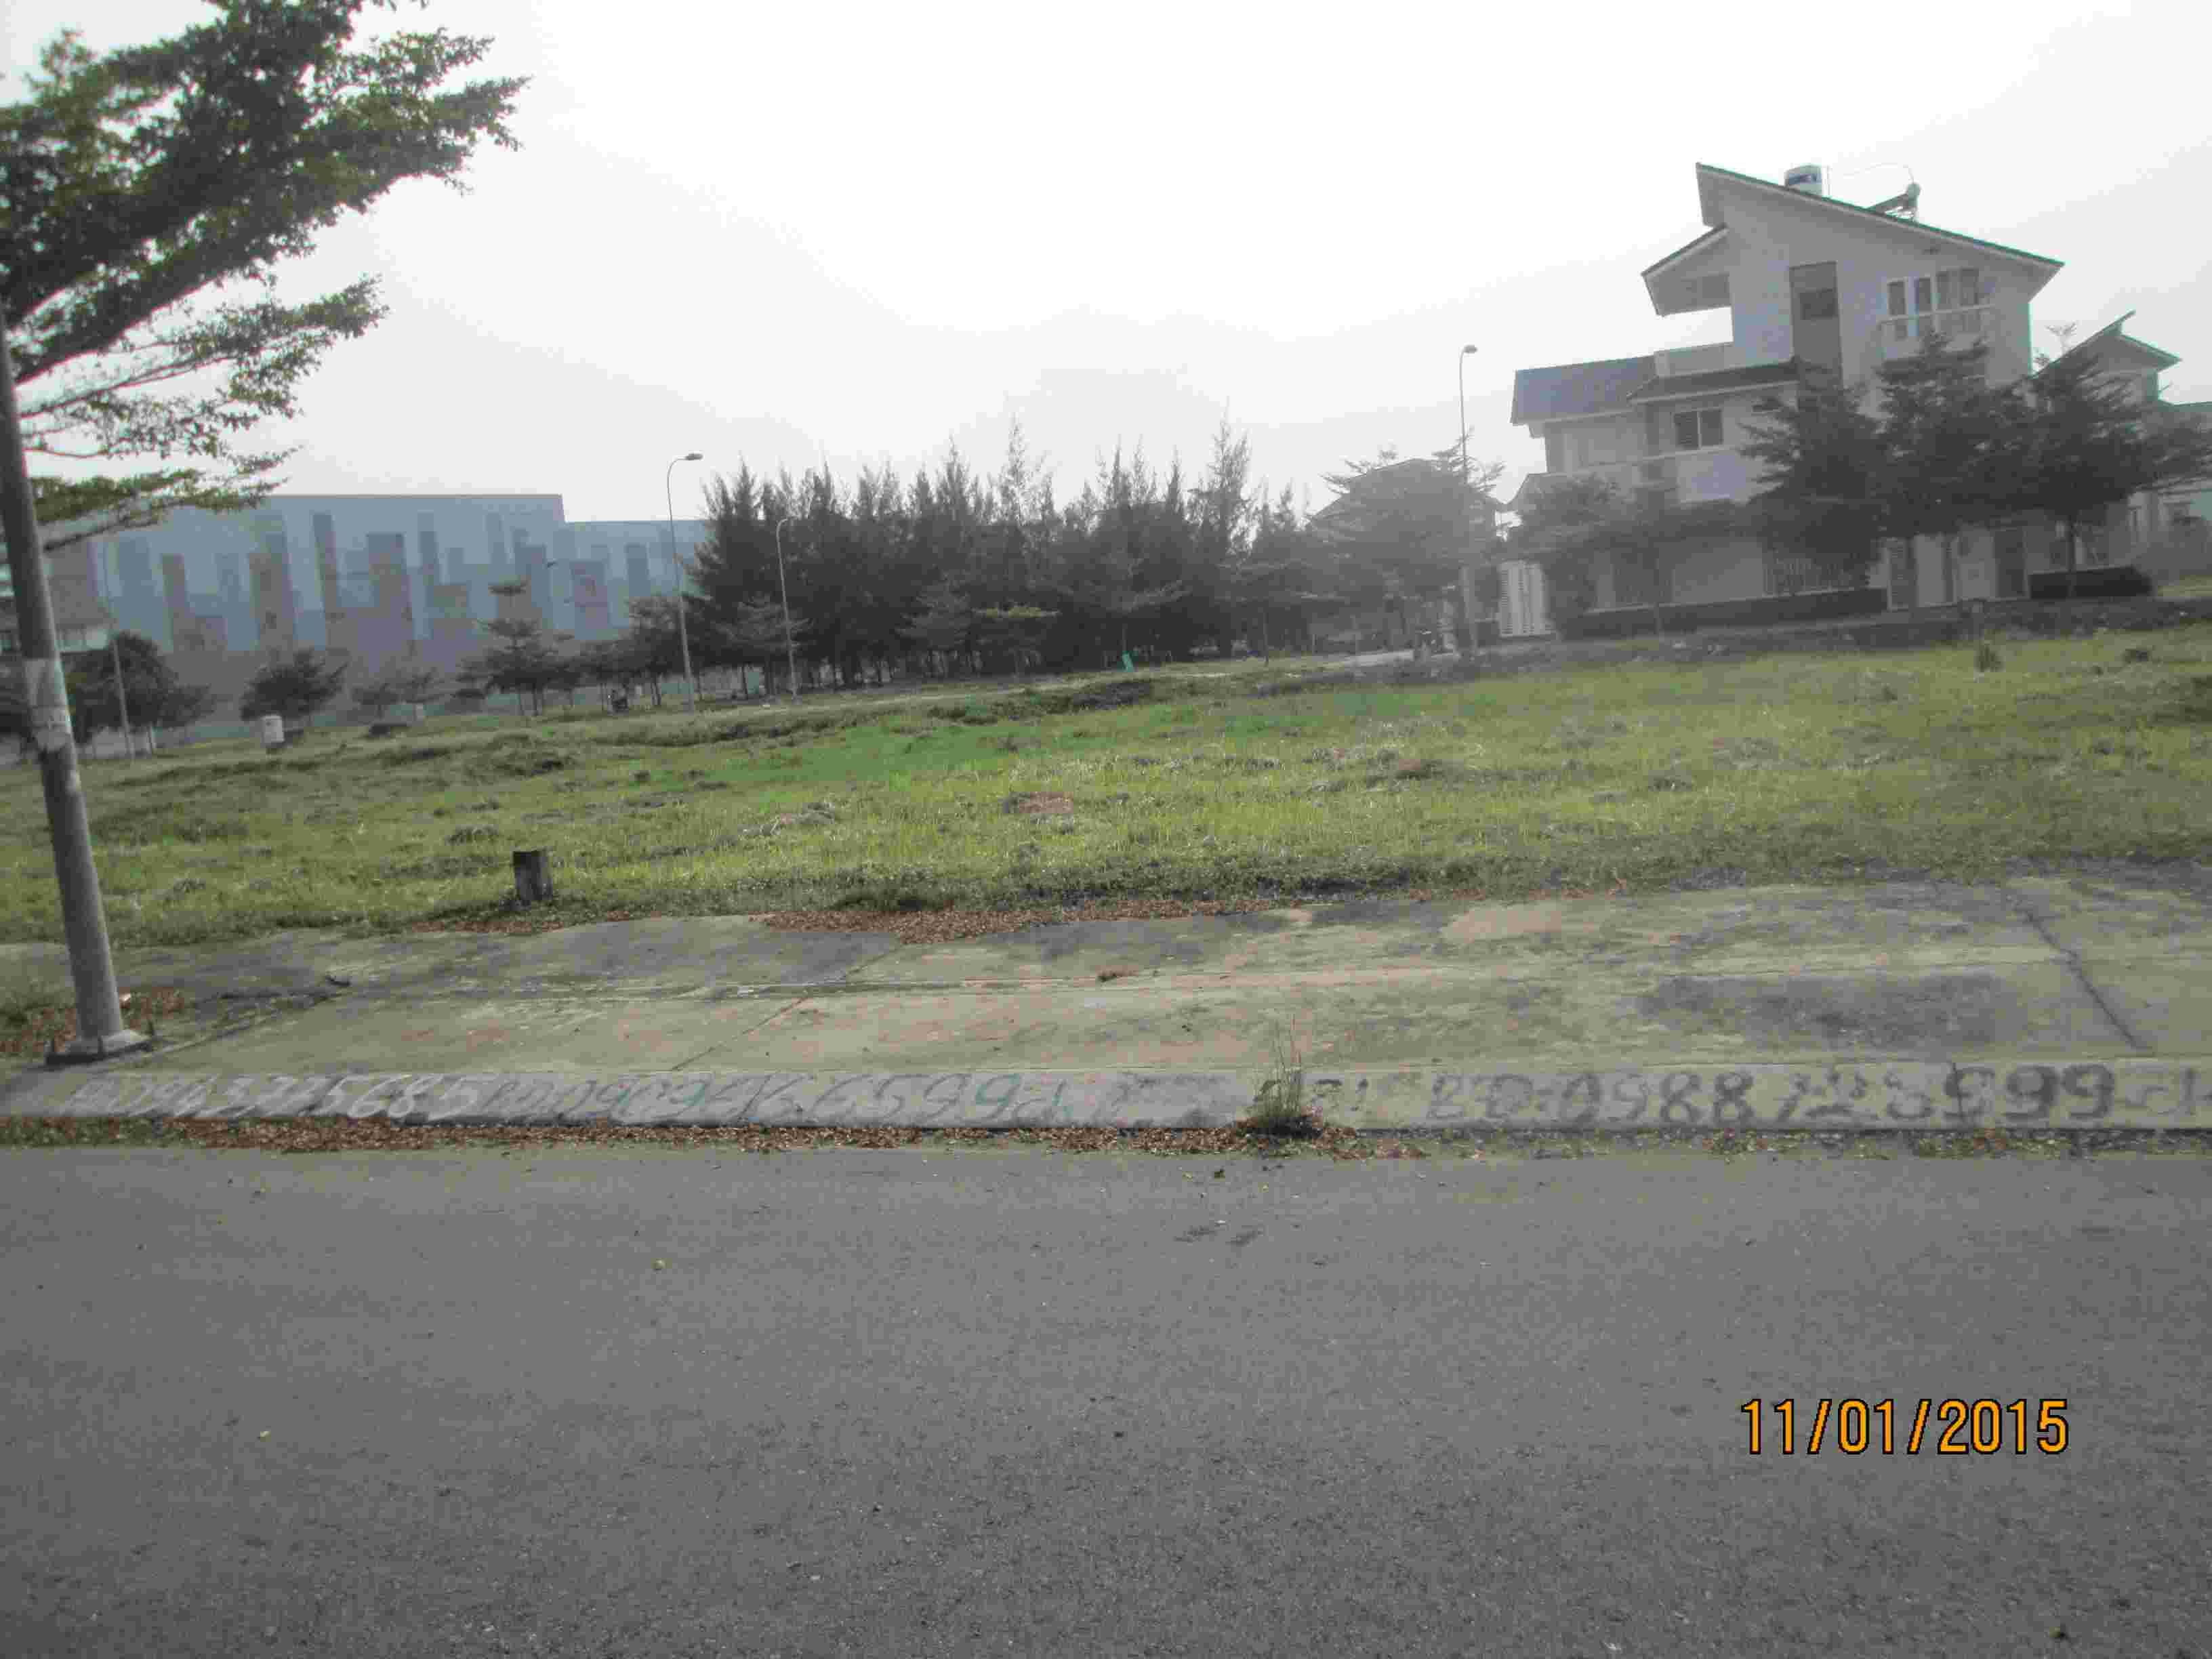 Bán đất dự án Thái Sơn 1 đường chính 20m,  giá cực Hot 70 triệu/m2, vị trí đẹp, sổ đỏ 2018. LH 0913.050.053   Mr Huynh.